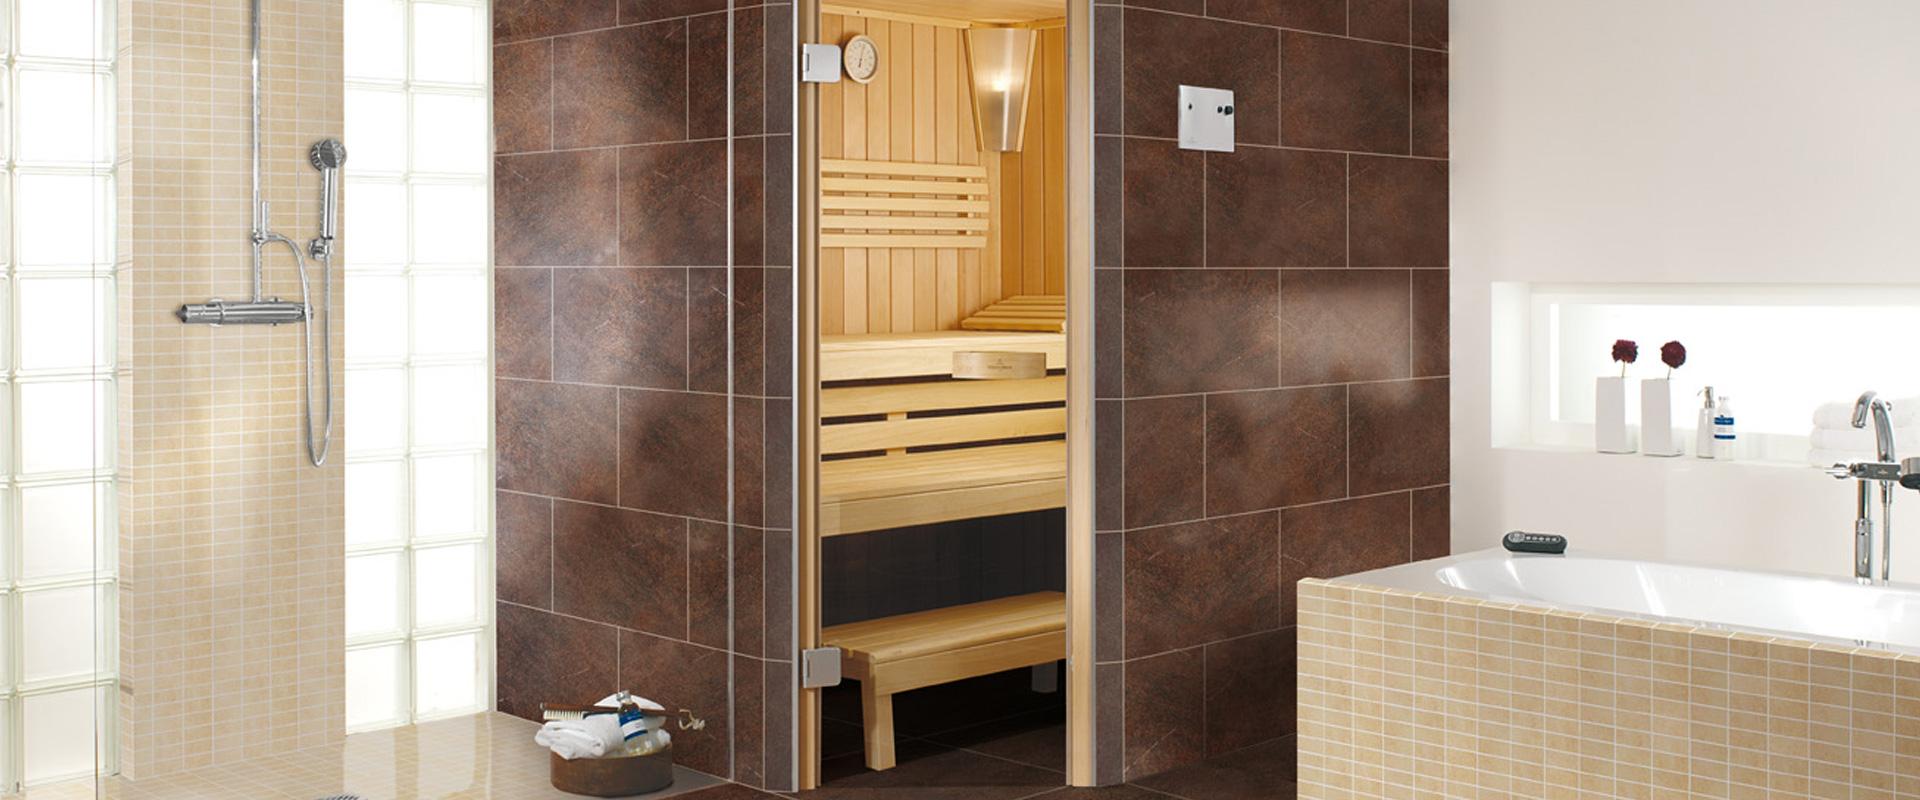 Cabinas De Baño Sauna:Sauna y cabinas de infrarrojos: productos y modelos de un vistazo